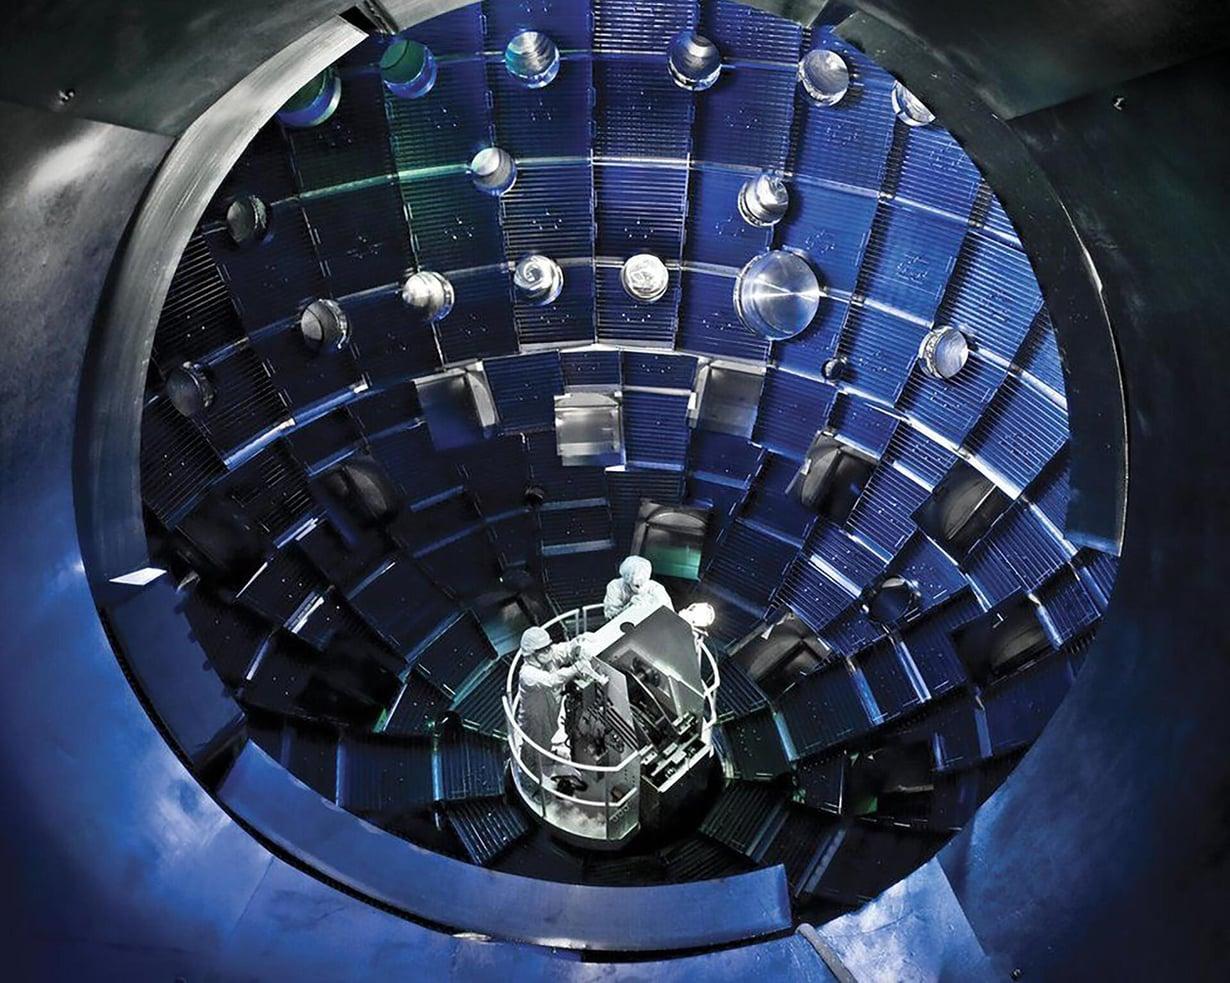 Tässä kammiossa vetypelletti tuotti laserien avulla enemmän energiaa kuin fuusiokokeissa koskaan aiemmin. Kuva: Lawrence Livermore National Laboratory